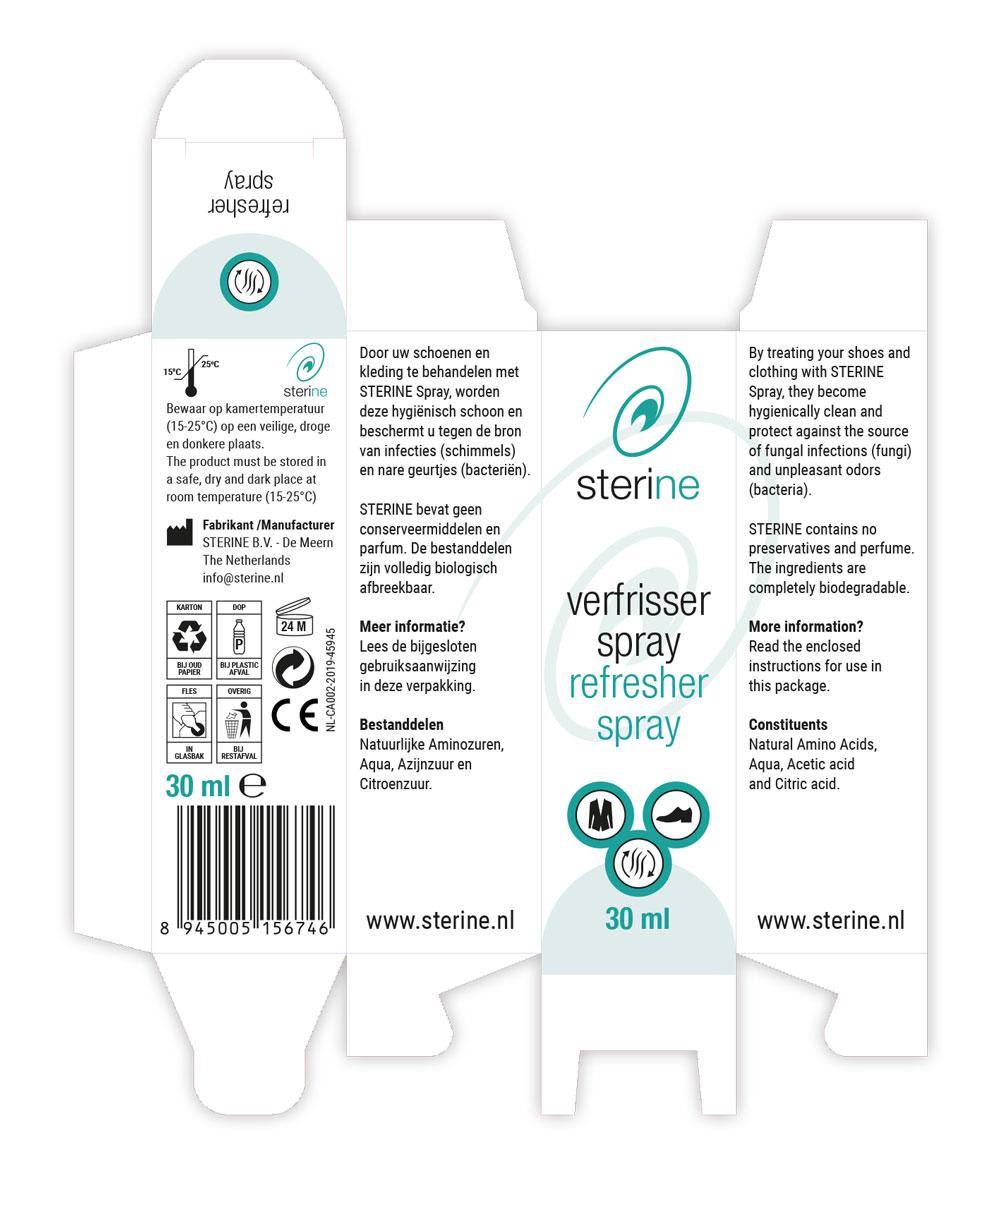 Verpakking Sterine verfrisser spray